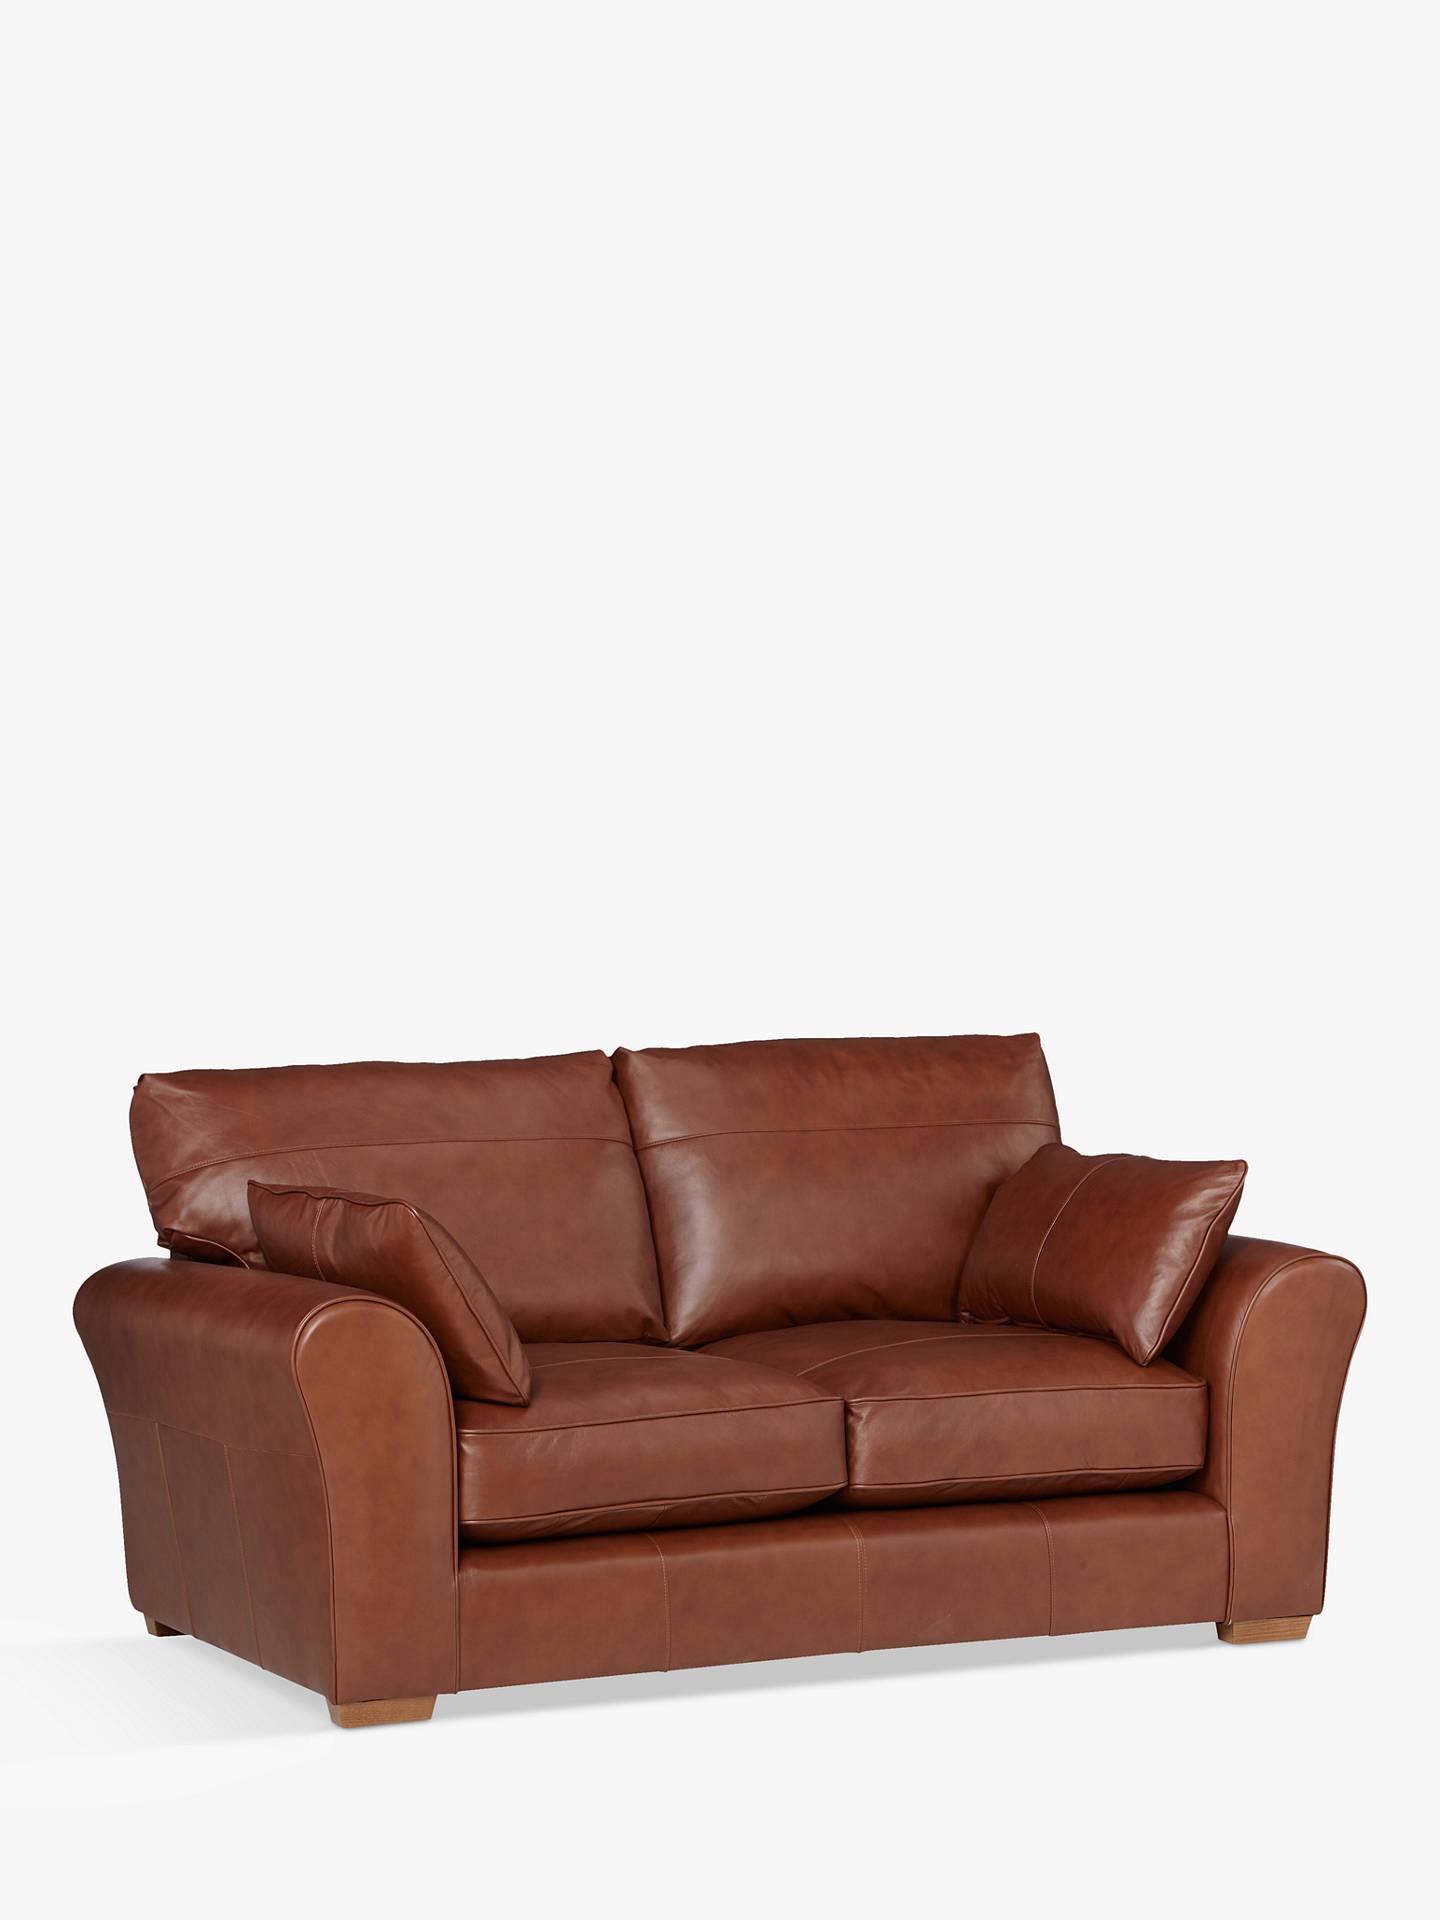 John Lewis Leon Medium 2 Seater Leather Sofa Dark Leg Contempo Castanga Online At